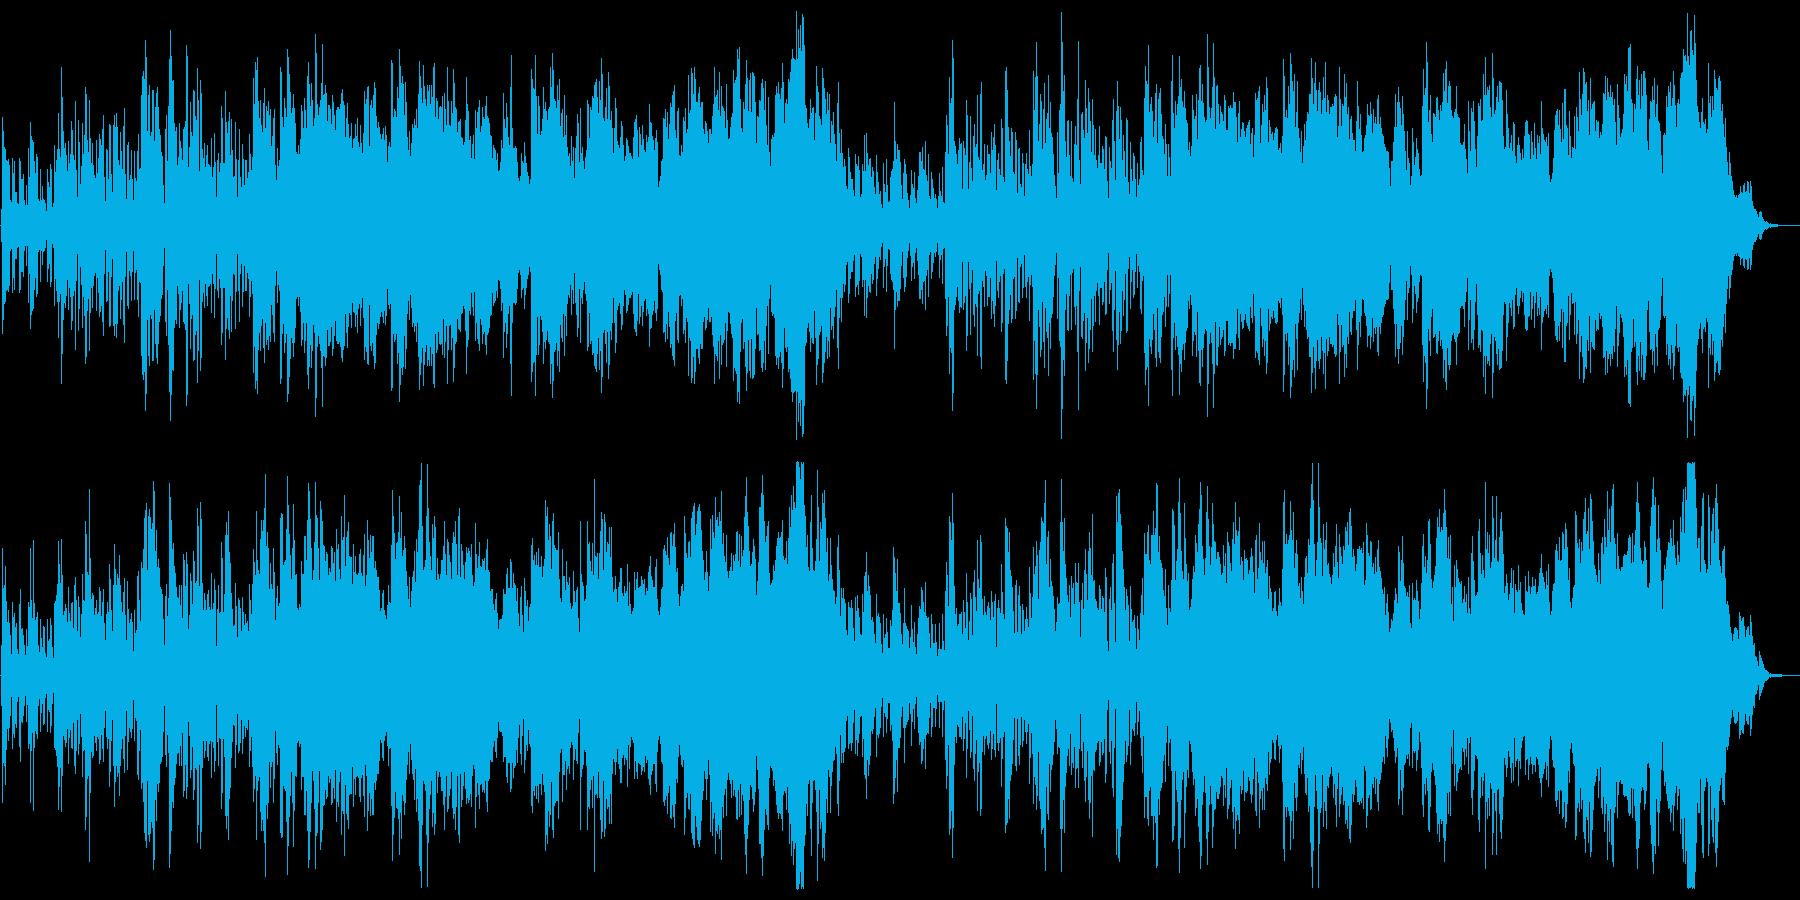 ファンタジーRPG系オーケストラBGMの再生済みの波形